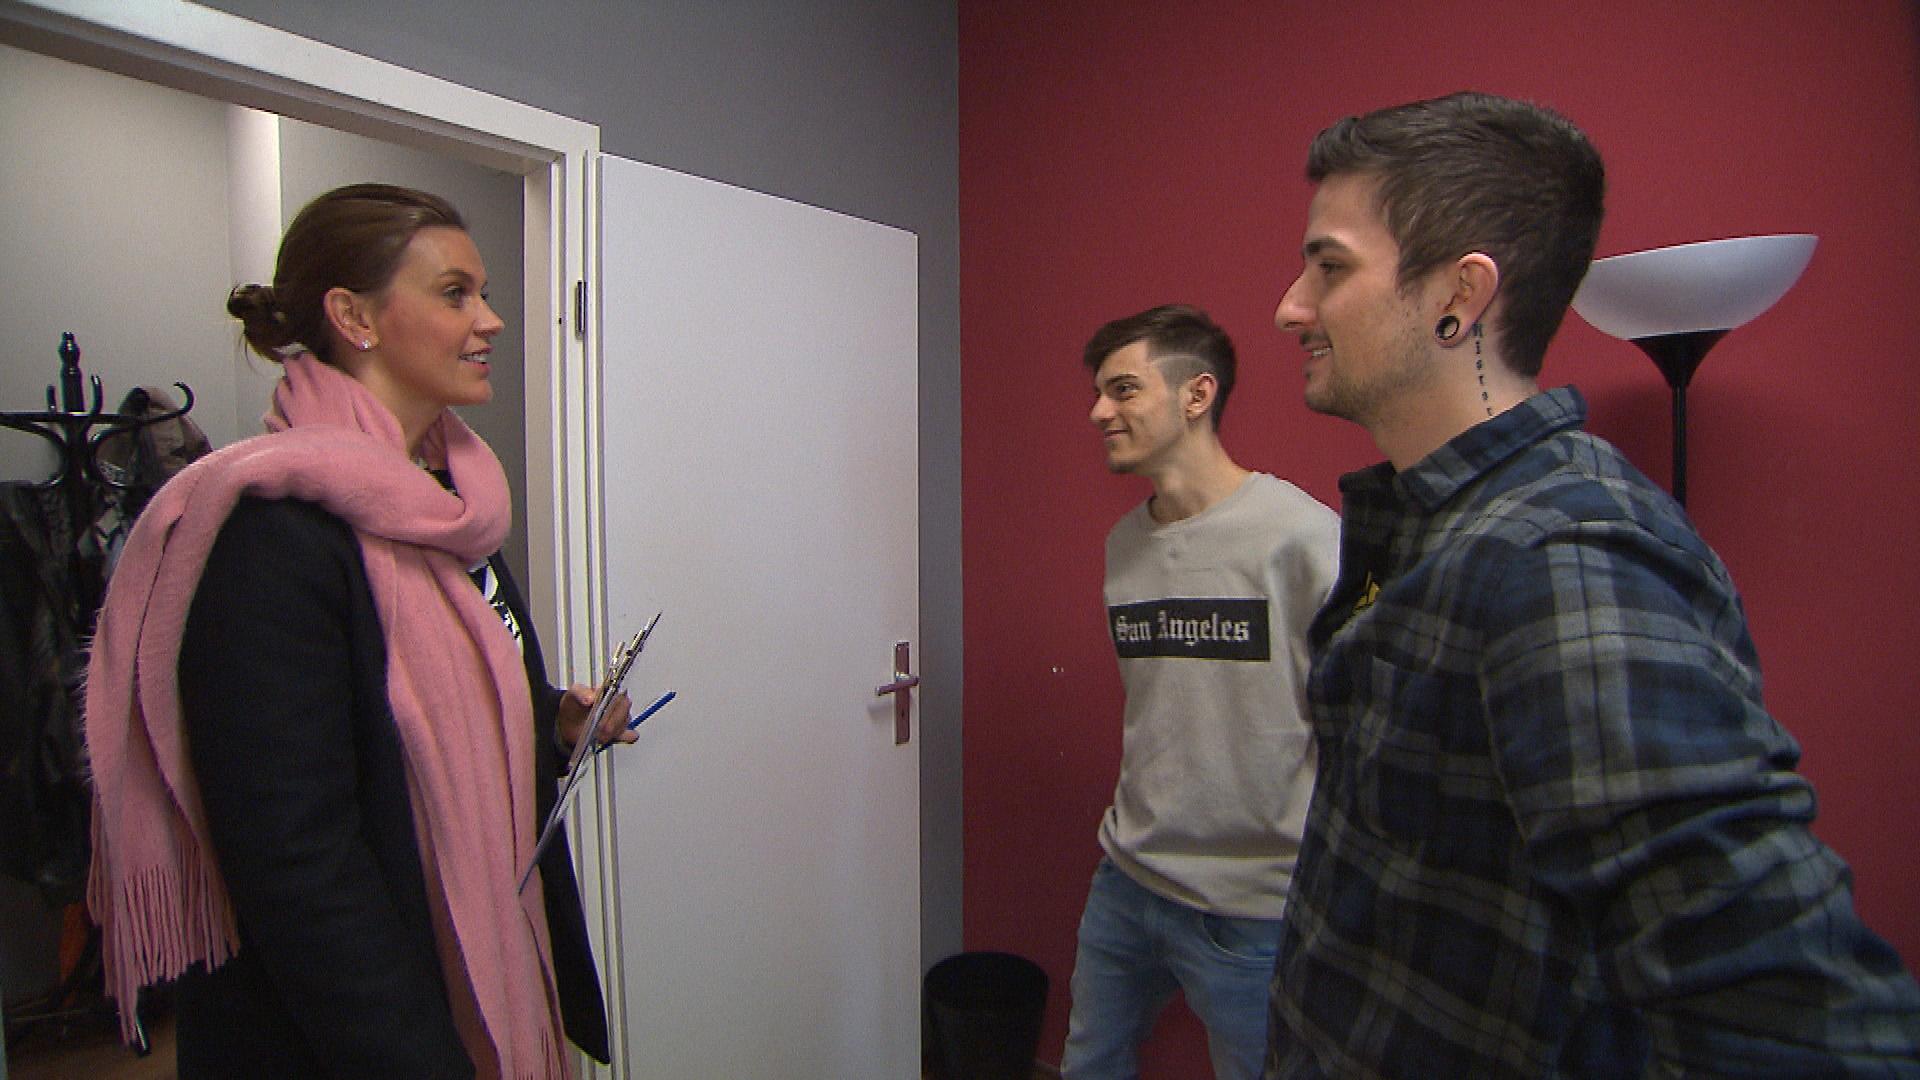 Jannes (re.) bekommt von der Vermieterin (li.) ein Zimmer im Matrix-Loft... (Foto mi.: Jannes) (Quelle: RTL 2)